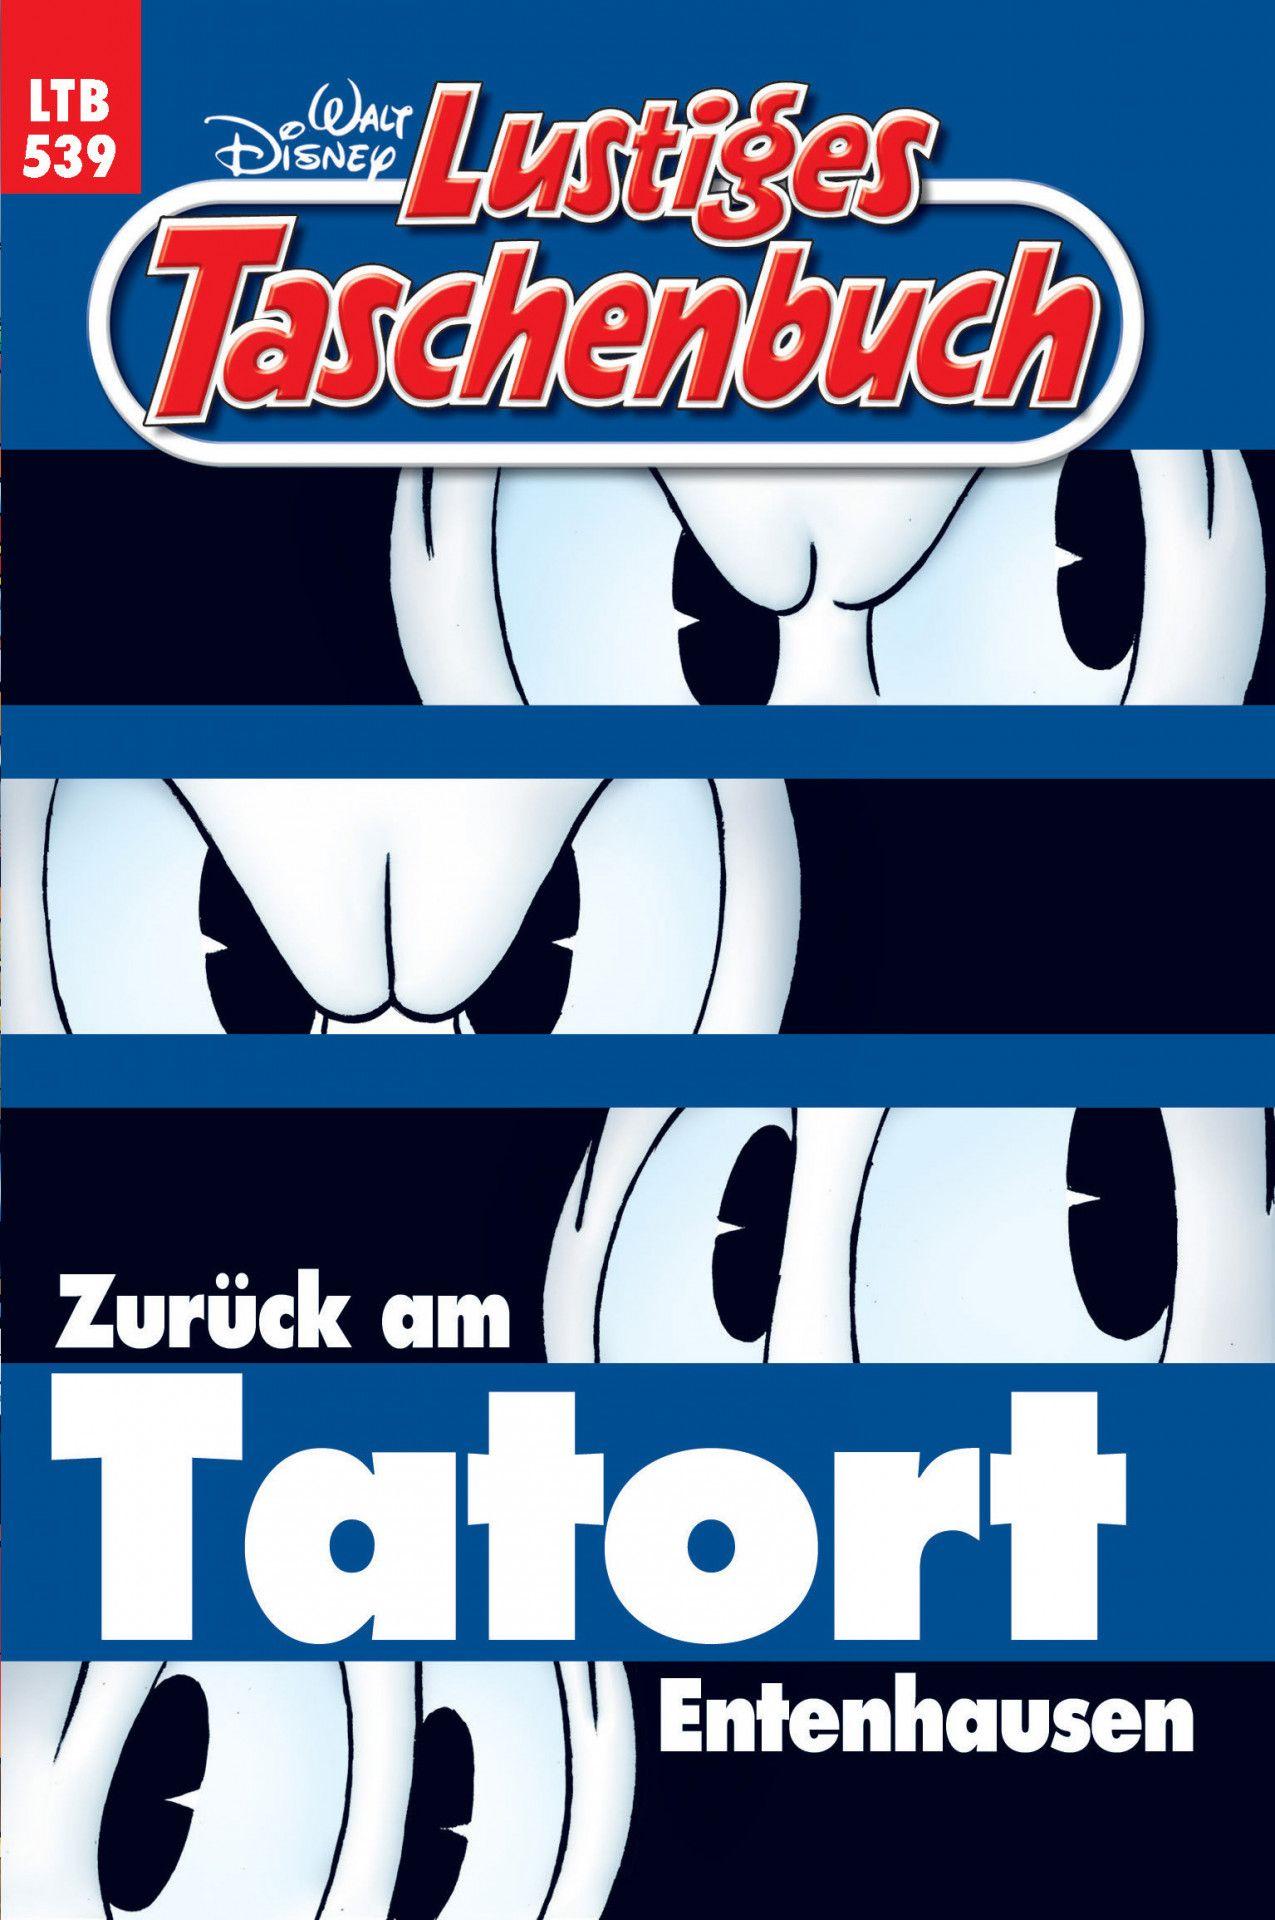 """Walt Disneys """"Lustiges Taschenbuch"""" gratuliert der ARD-Fernsehreihe Tatort mit der Geschichte """"Zurück am Tatort Entenhausen""""."""